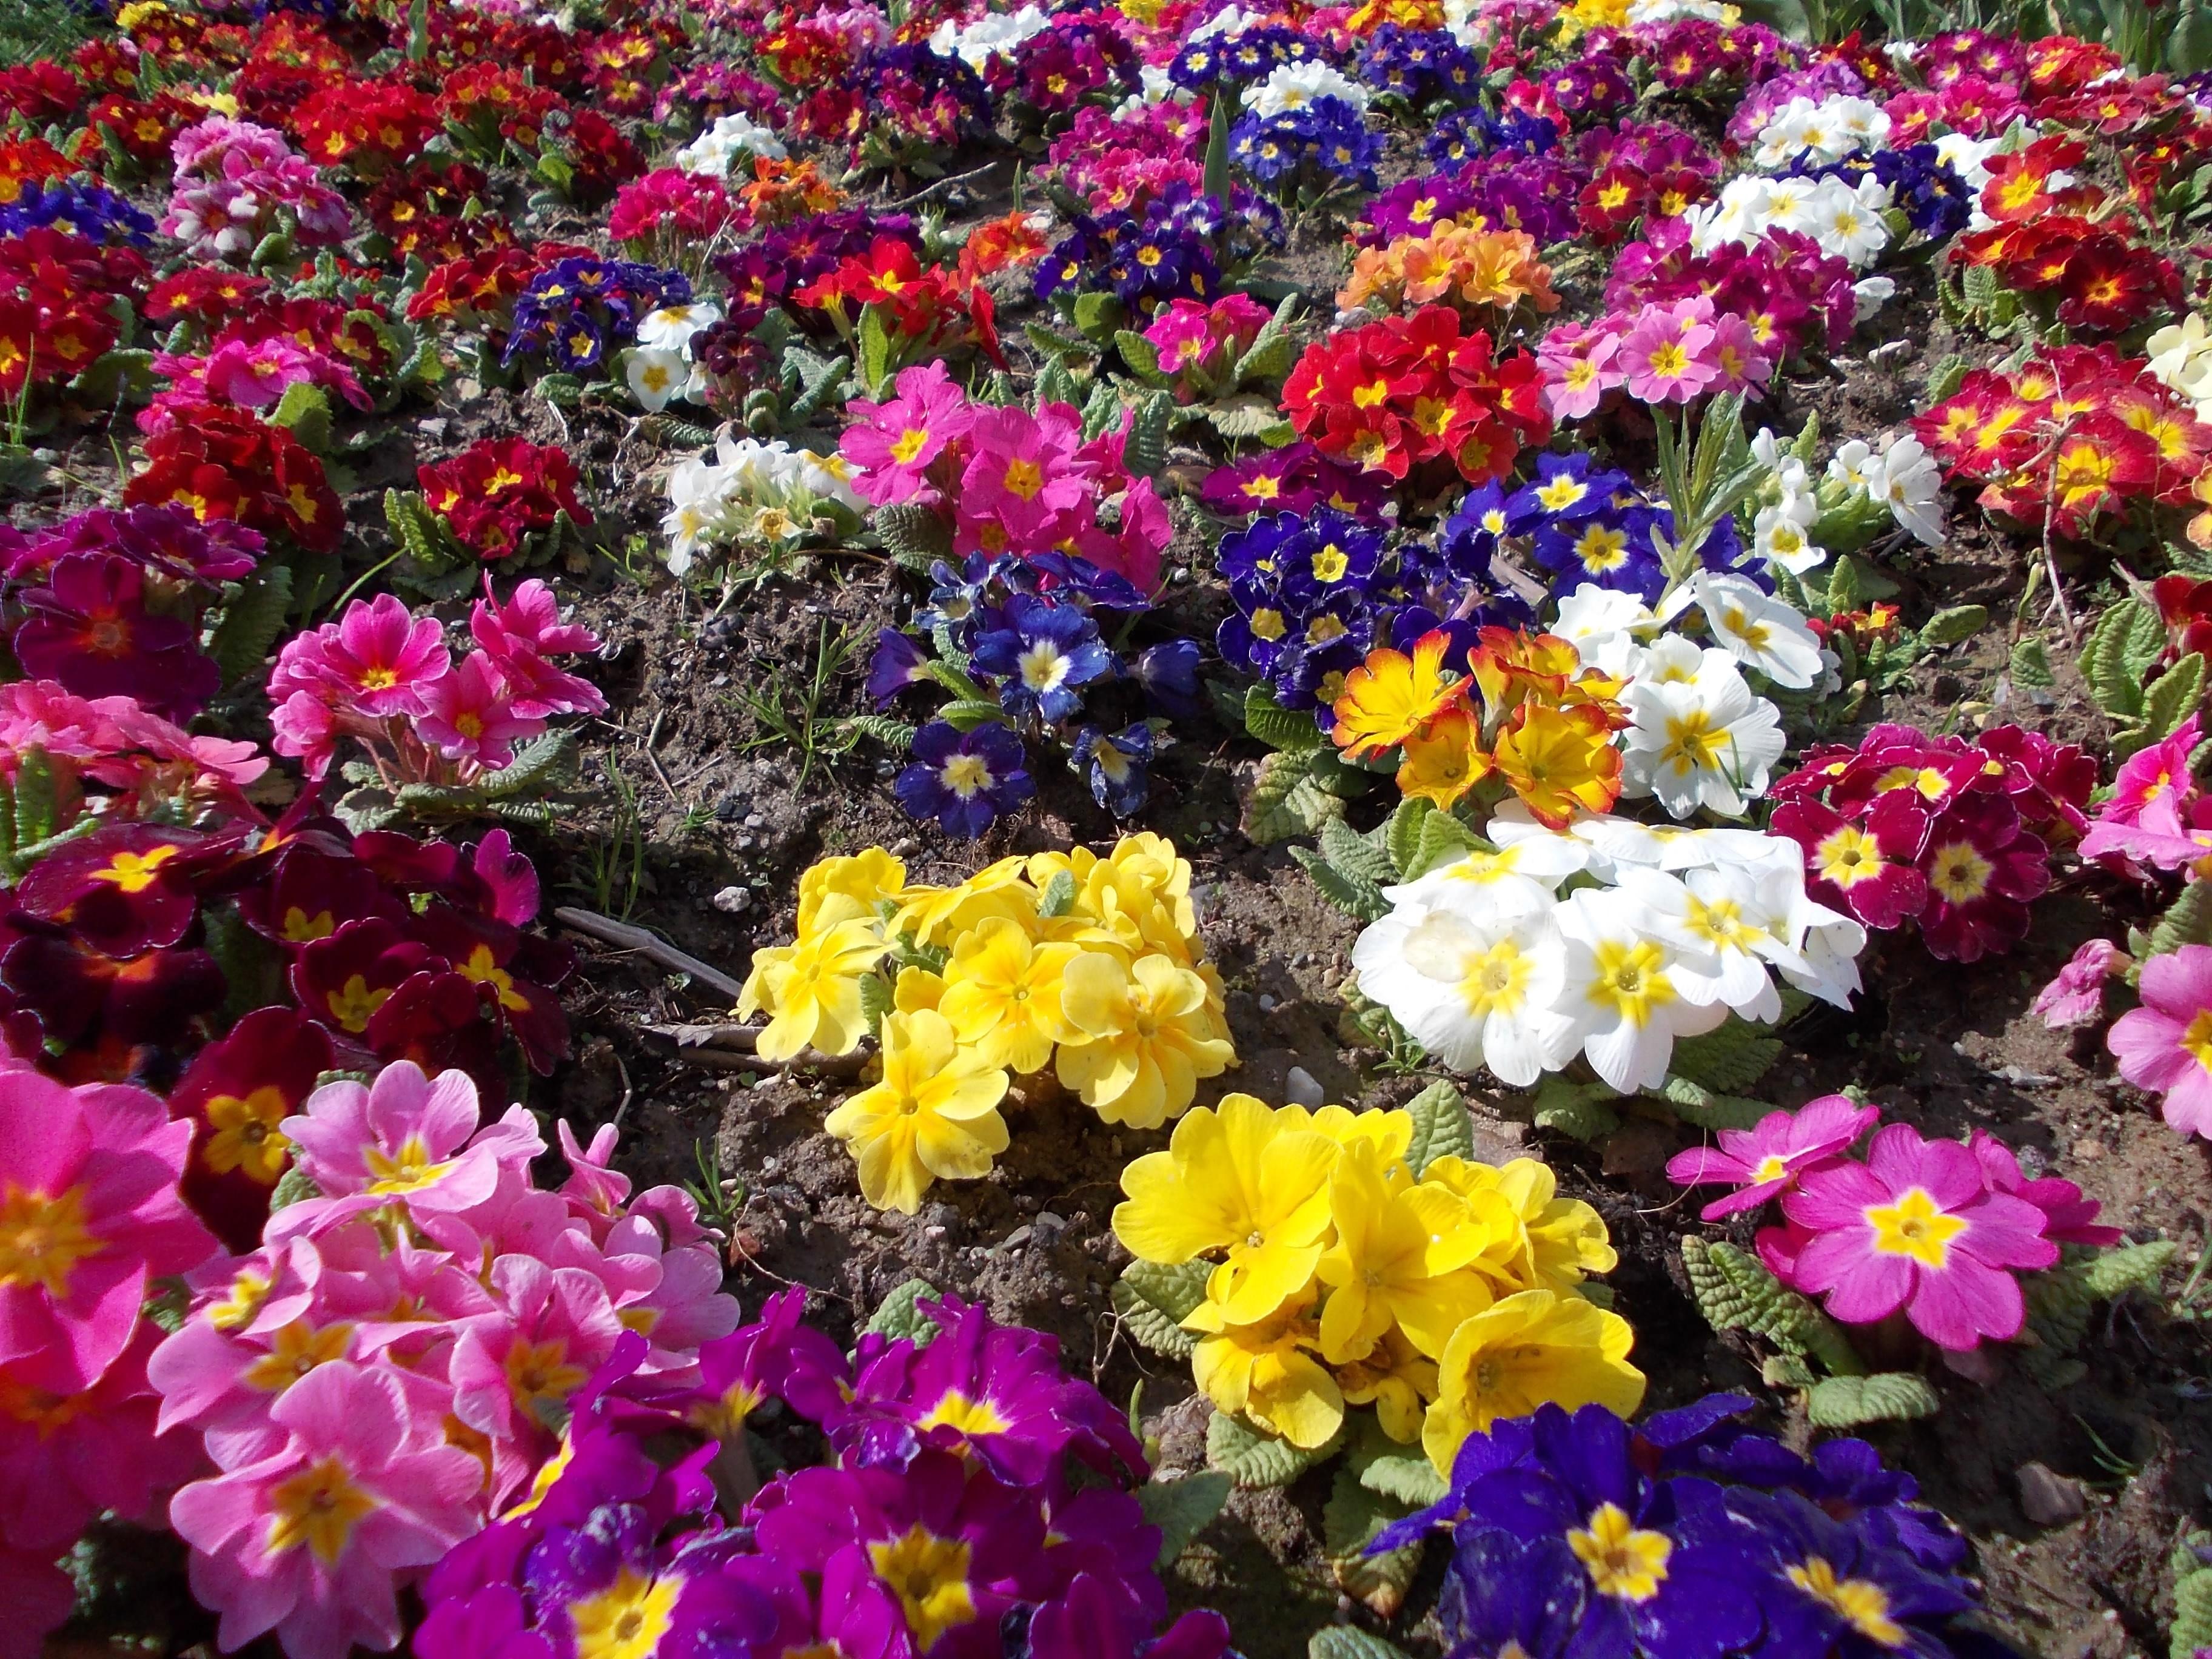 Poze Peisaj Natură Floare Arc Macro Colorat Floră